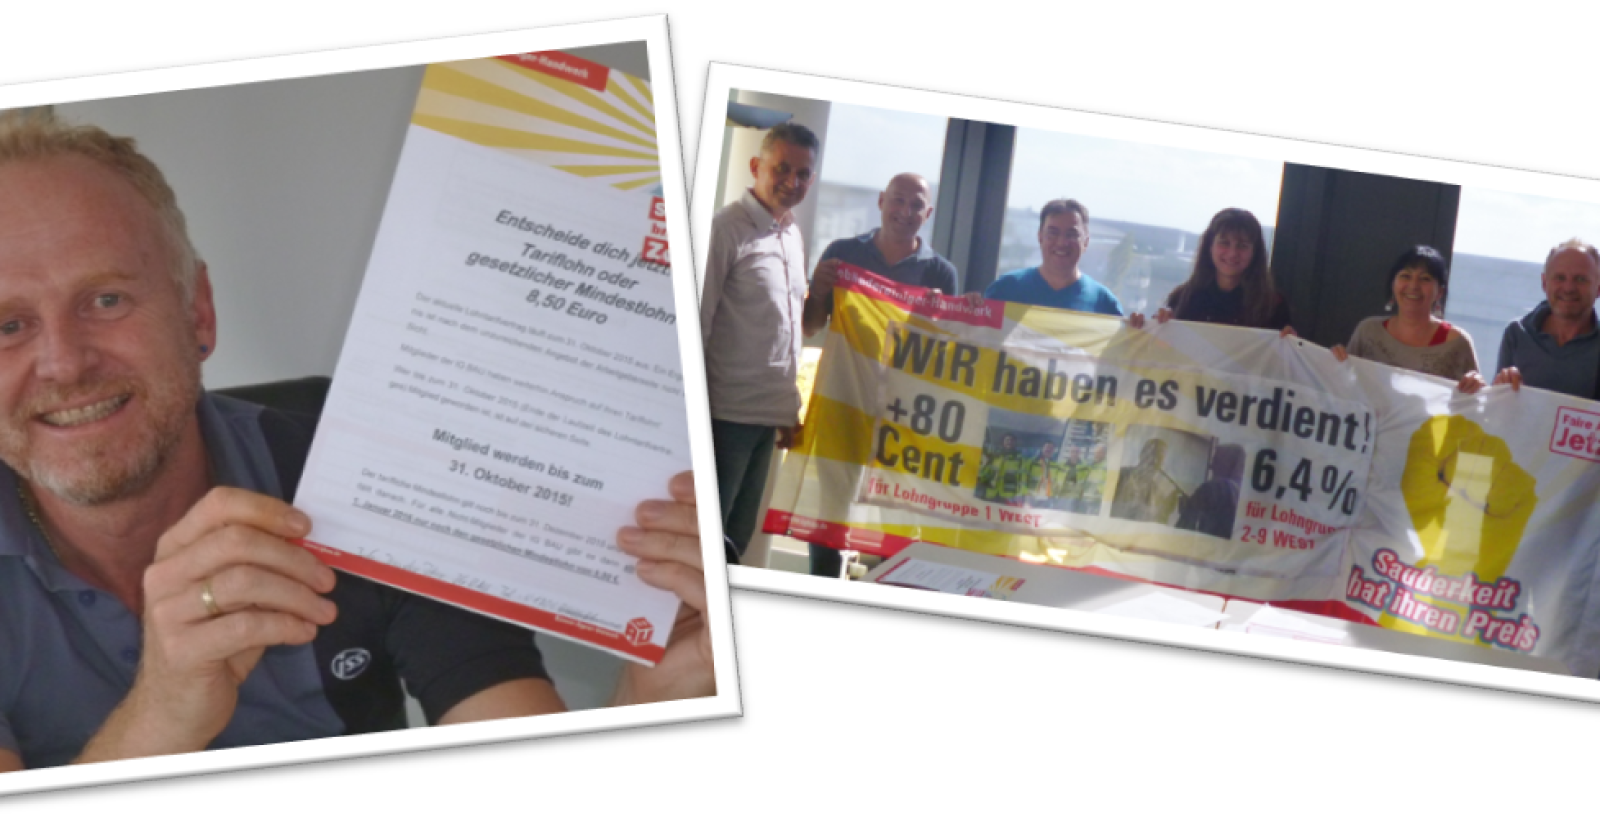 Betriebsrat ISS München: Wir wollen Tariflohn statt Mindestlohn!